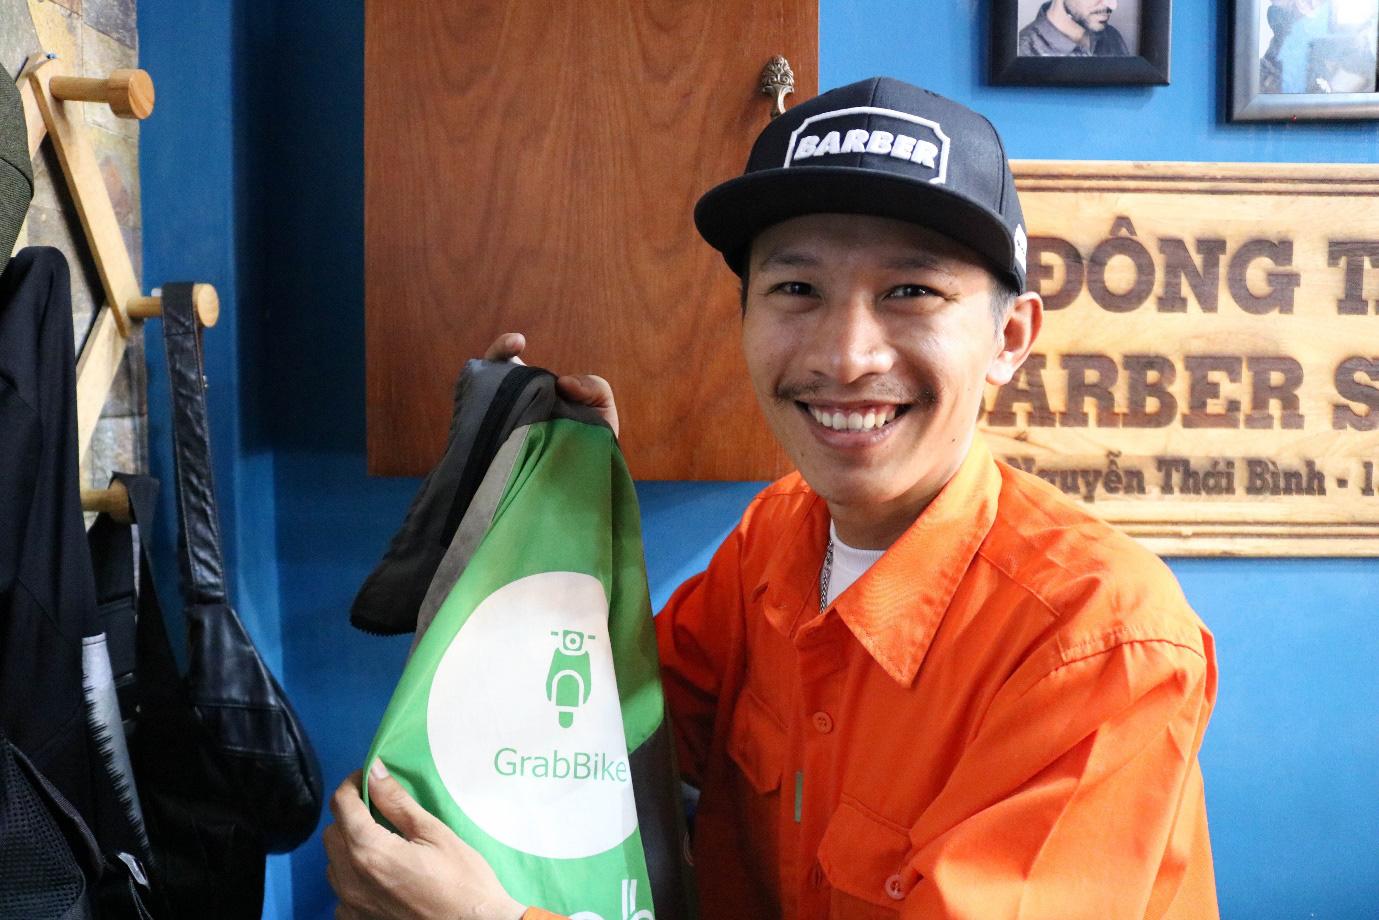 'Ngôi nhà màu cam' hớt tóc miễn phí cho hàng trăm tài xế mỗi ngày ở Sài Gòn - Ảnh 1.